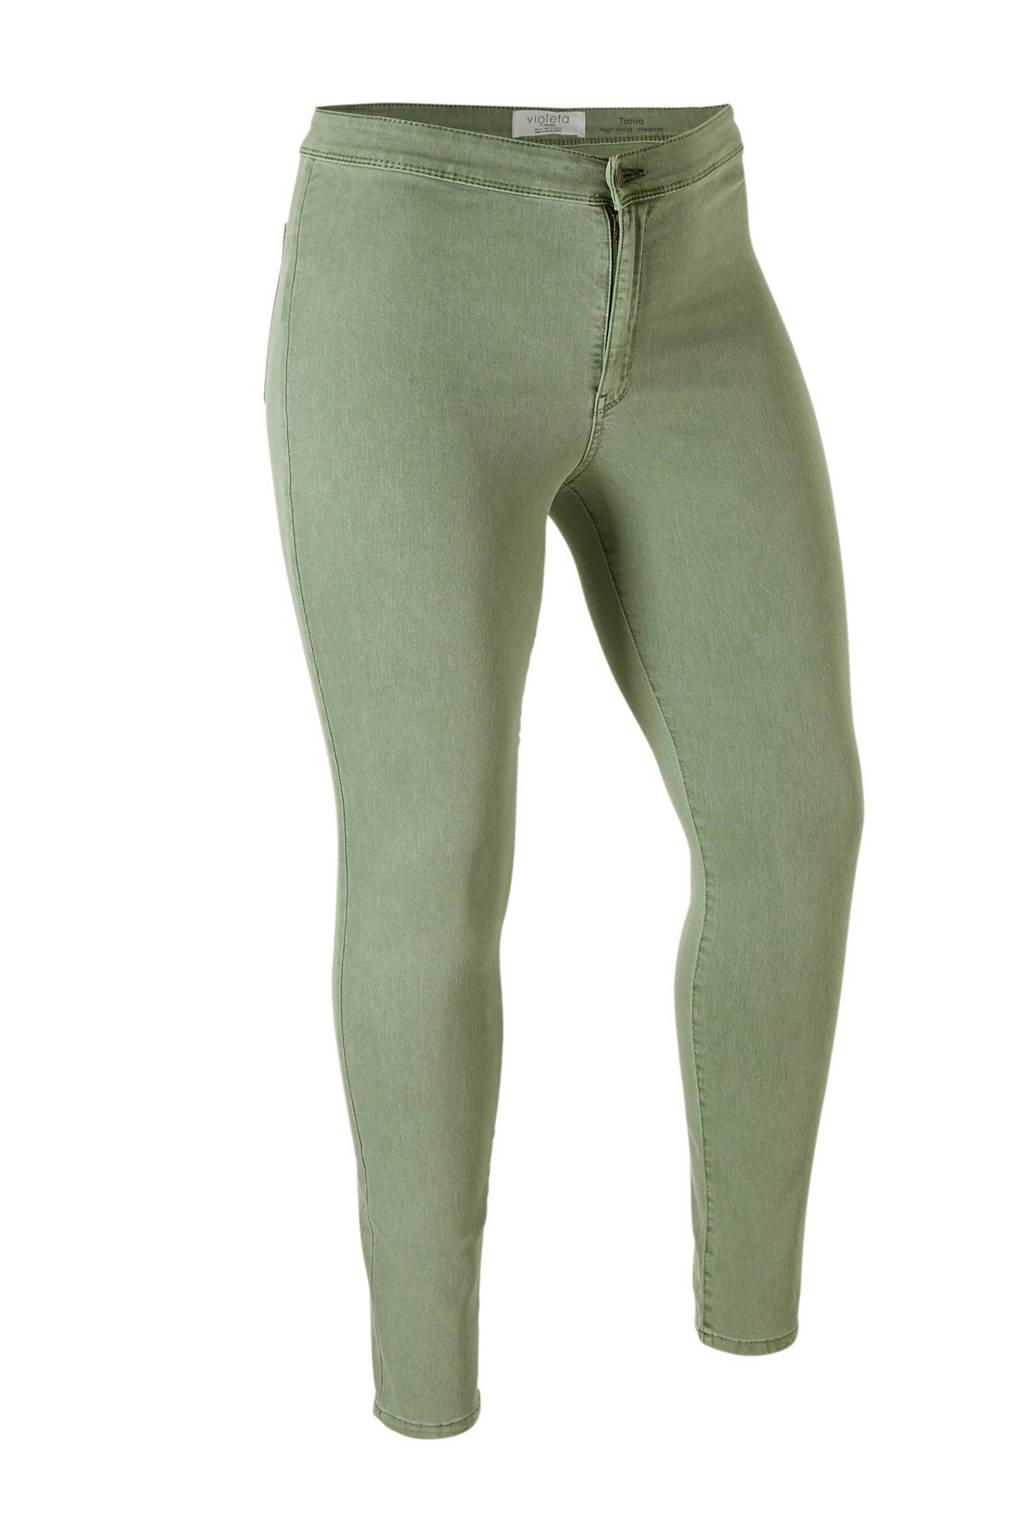 Violeta by Mango high waist jegging groen, Groen